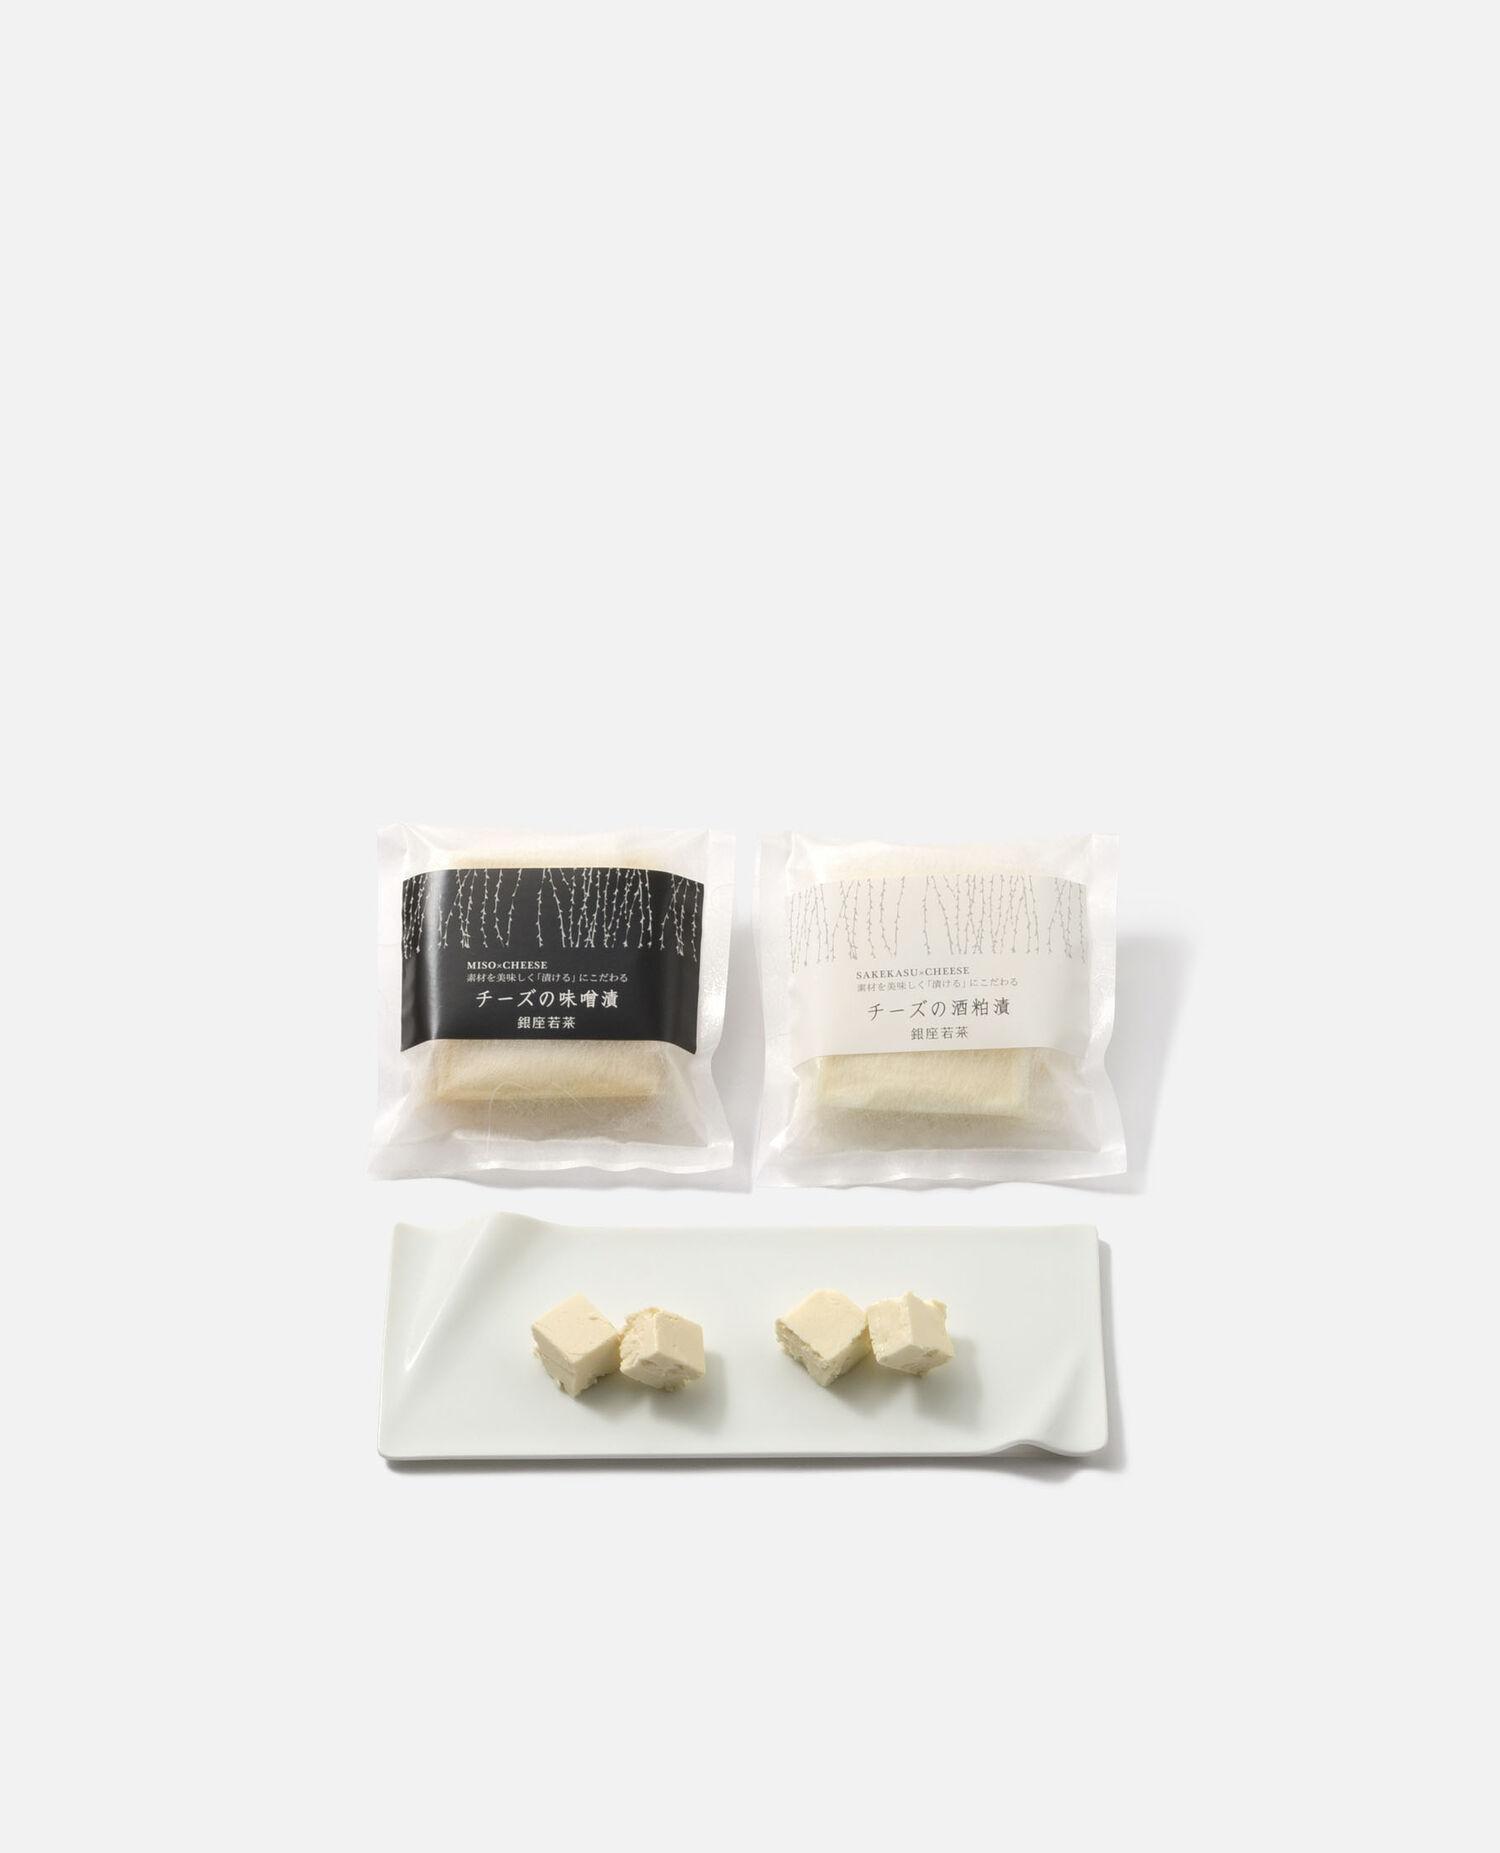 チーズの味噌漬・酒粕漬けセット